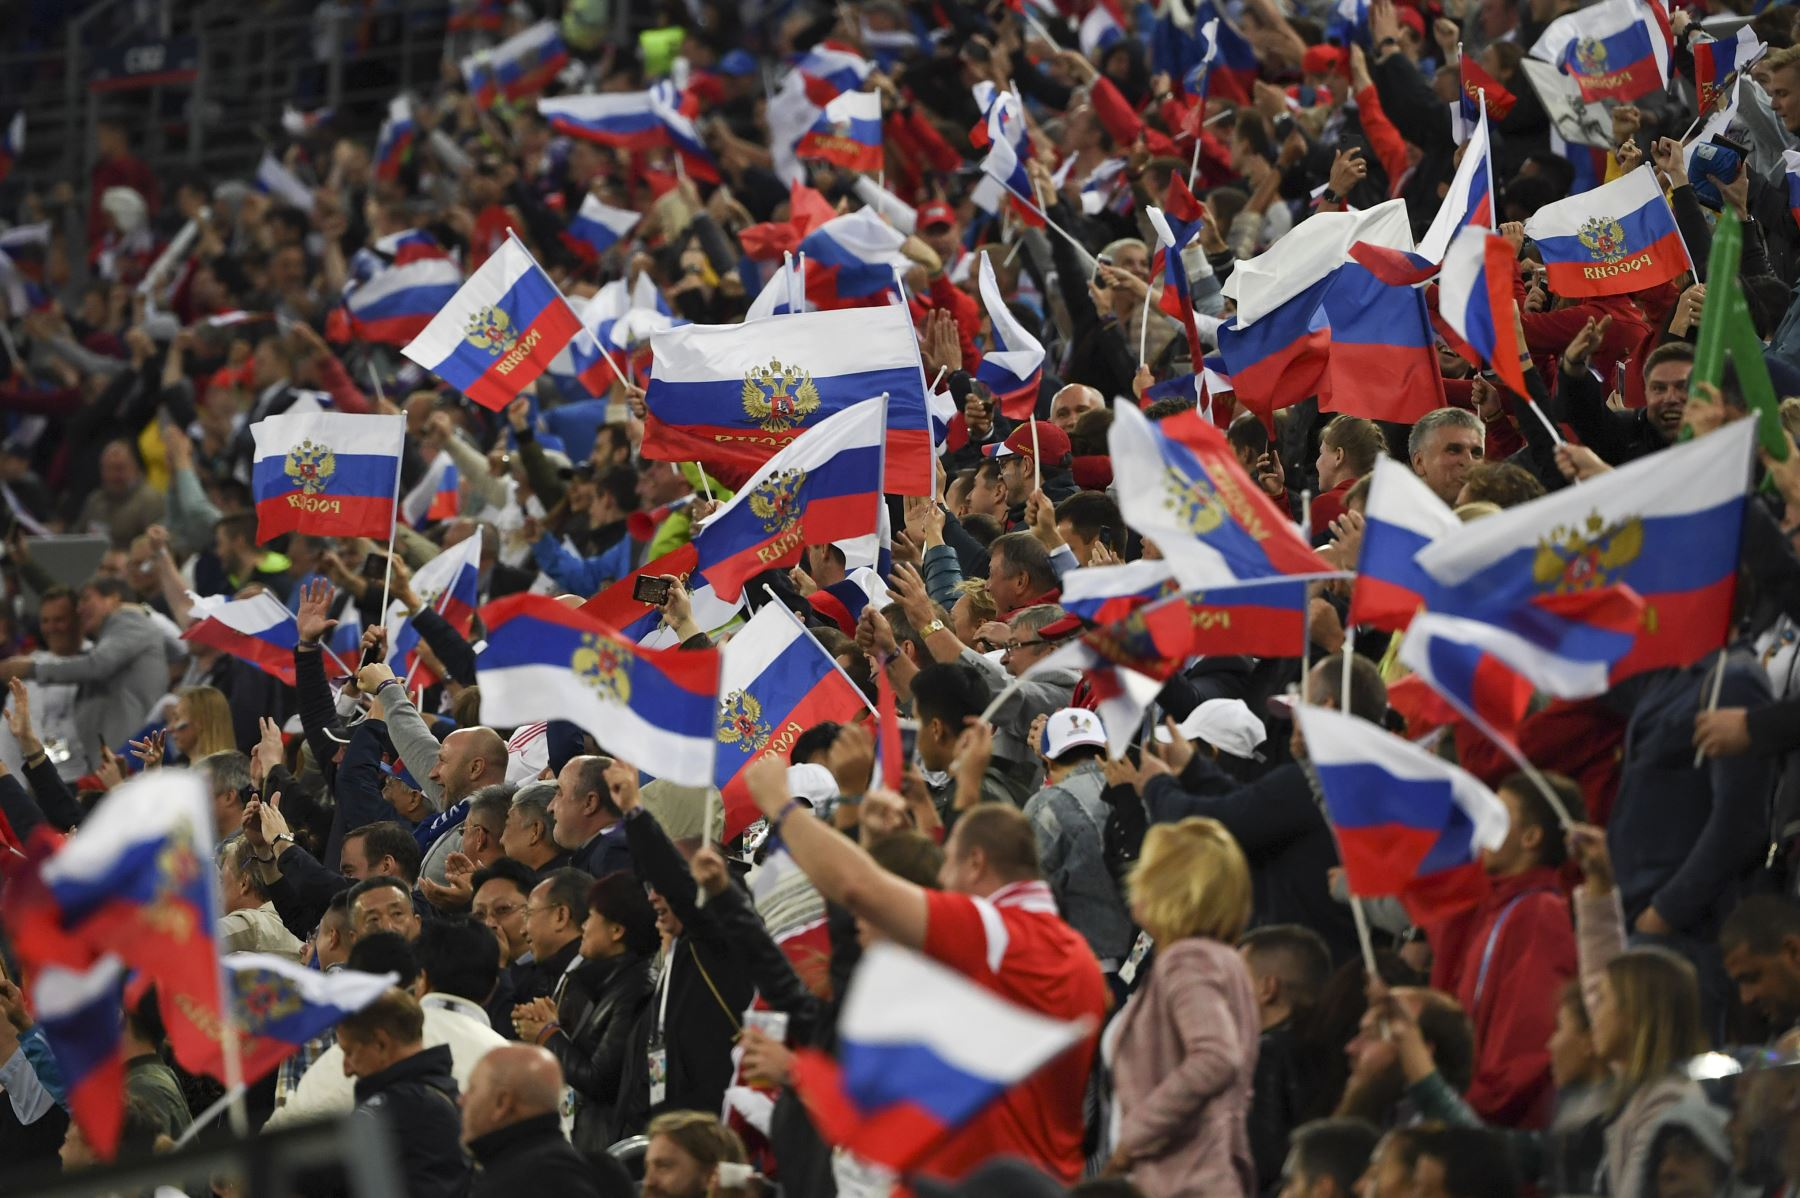 Los fanáticos de Rusia celebran durante el partido de fútbol de la Copa Mundial Rusia 2018 Un partido de fútbol entre Rusia y Egipto en el Estadio de San Petersburgo en San Petersburgo el 19 de junio de 2018. / AFP